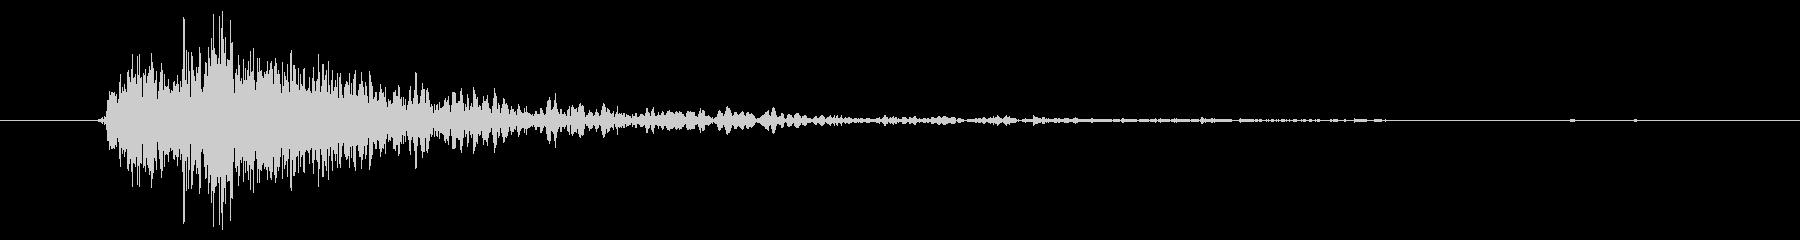 雑 ダートメタル02の未再生の波形